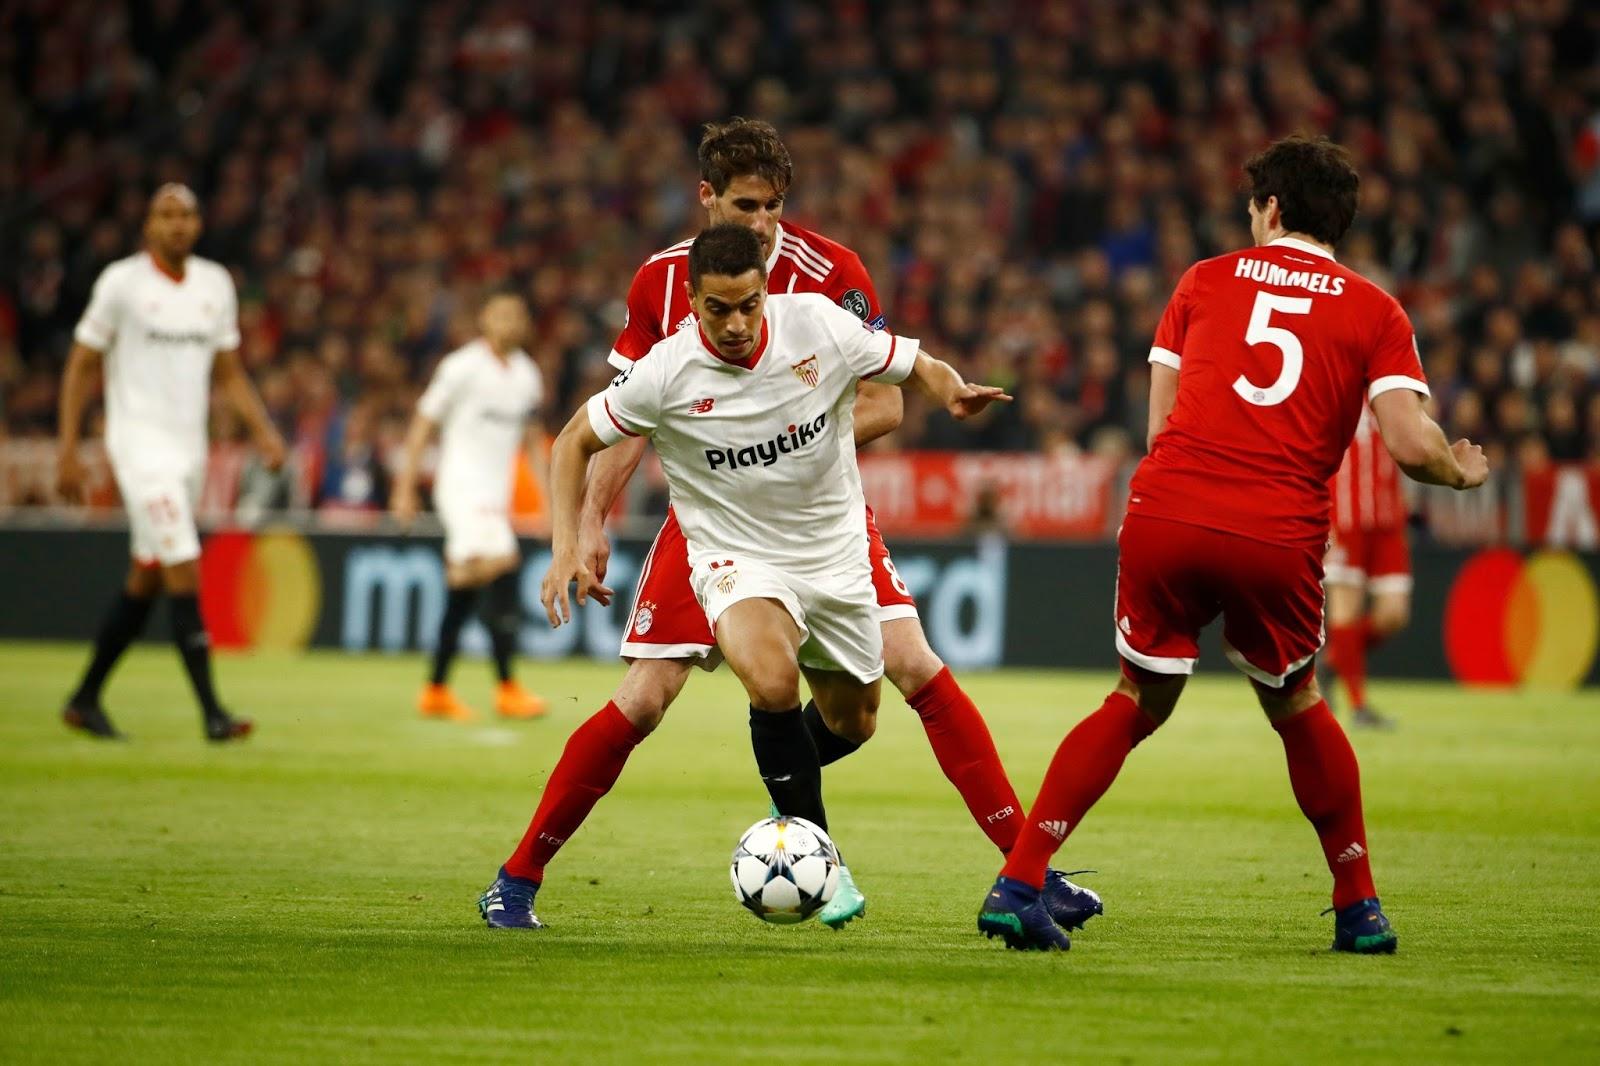 แทงบอล ไฮไลท์ เหตุการณ์การแข่งขัน บาเยิร์น มิวนิค vs เซบีย่า